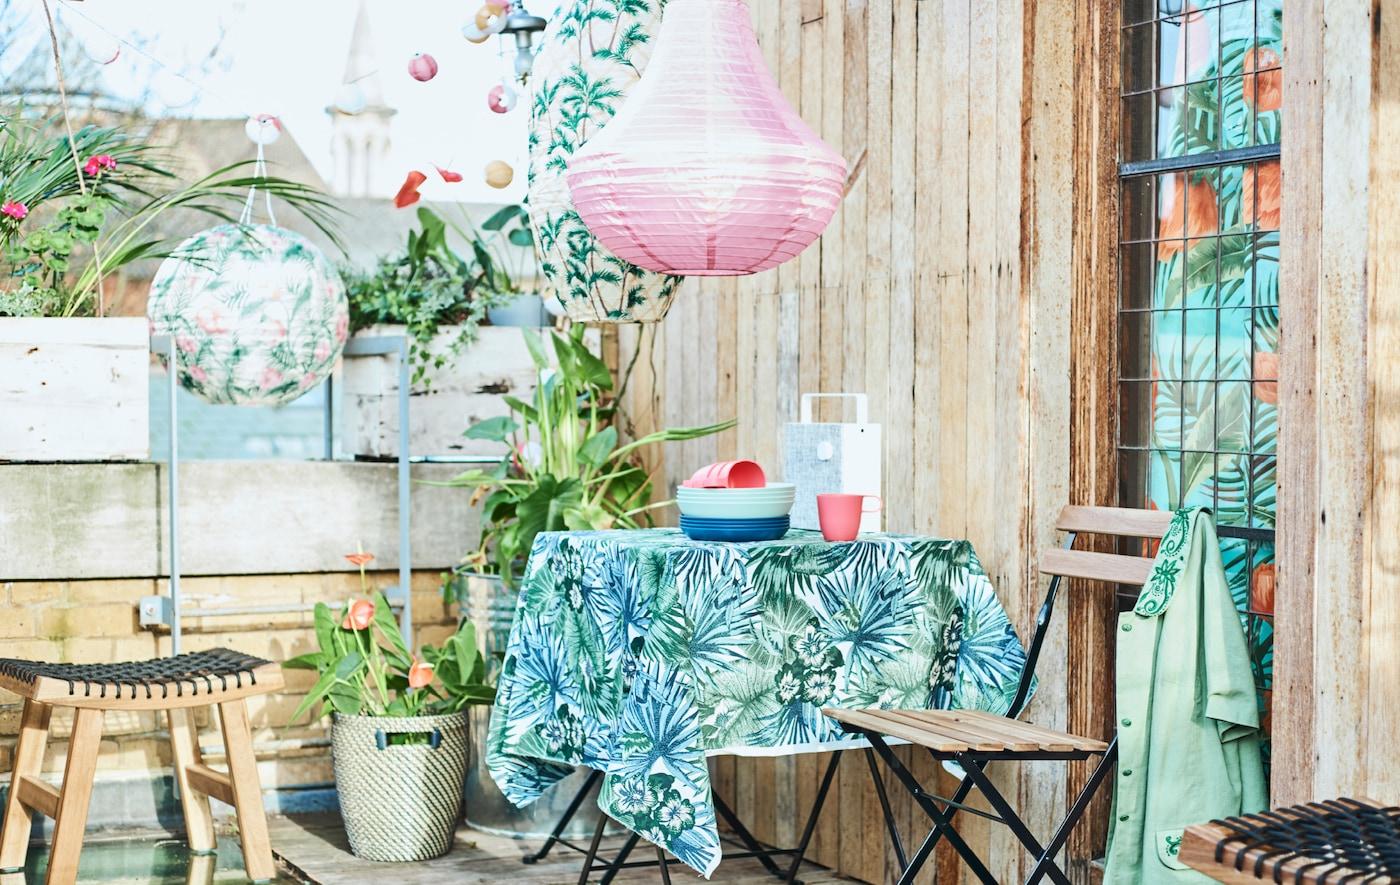 Eine Dachterrasse in der Stadt, auf dem Tisch eine Tischdecke mit Blattmuster, u. a. mit Blumentöpfen und Beleuchtungselementen